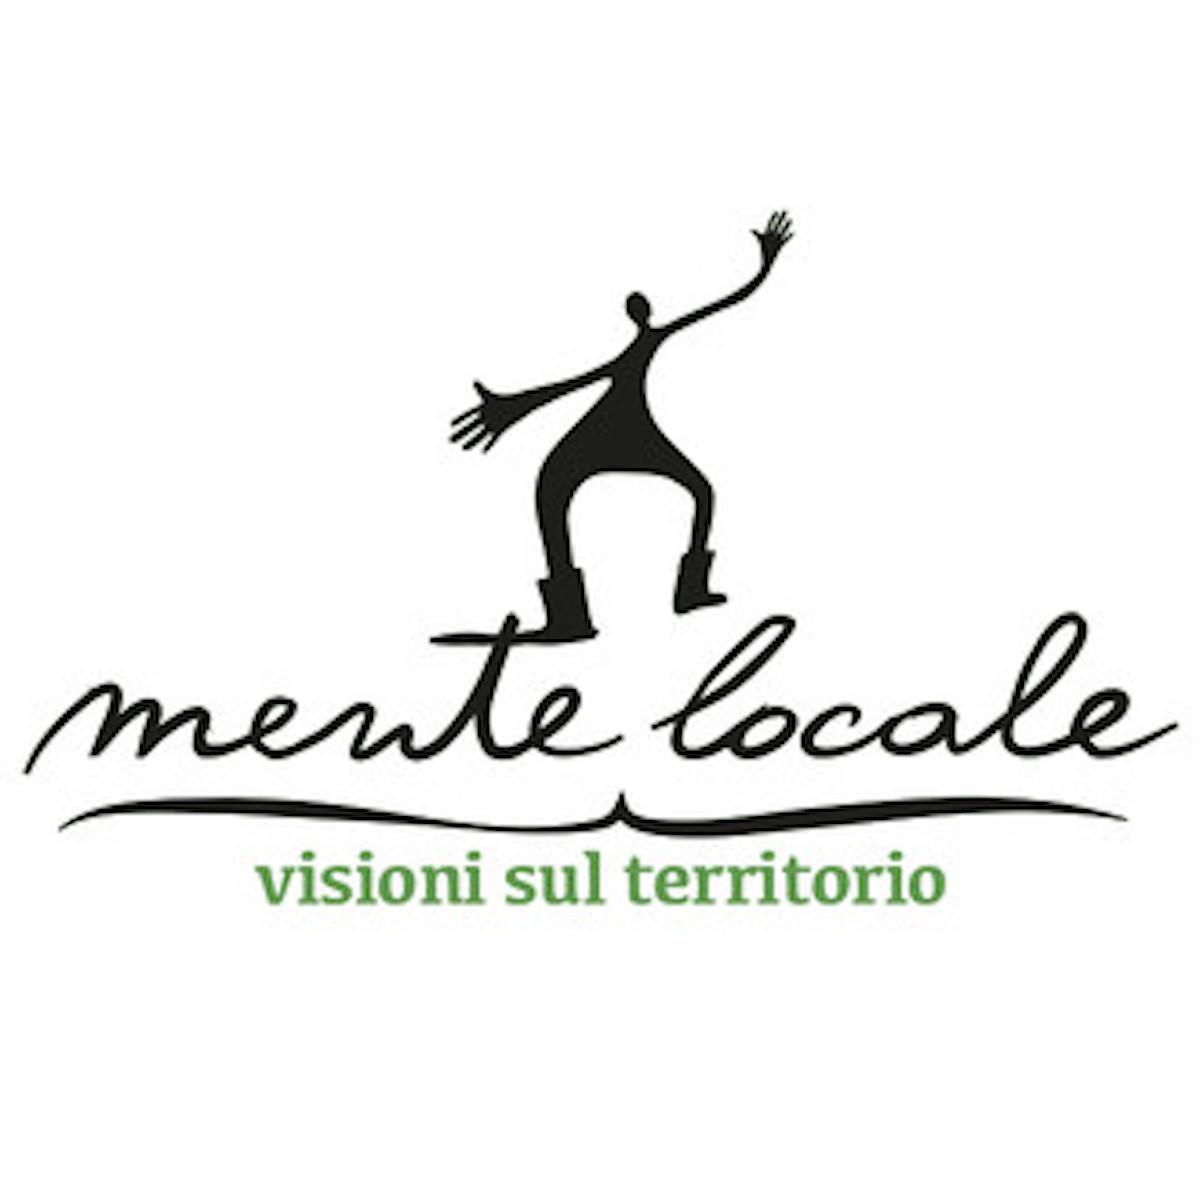 Mente Locale 2021_logo